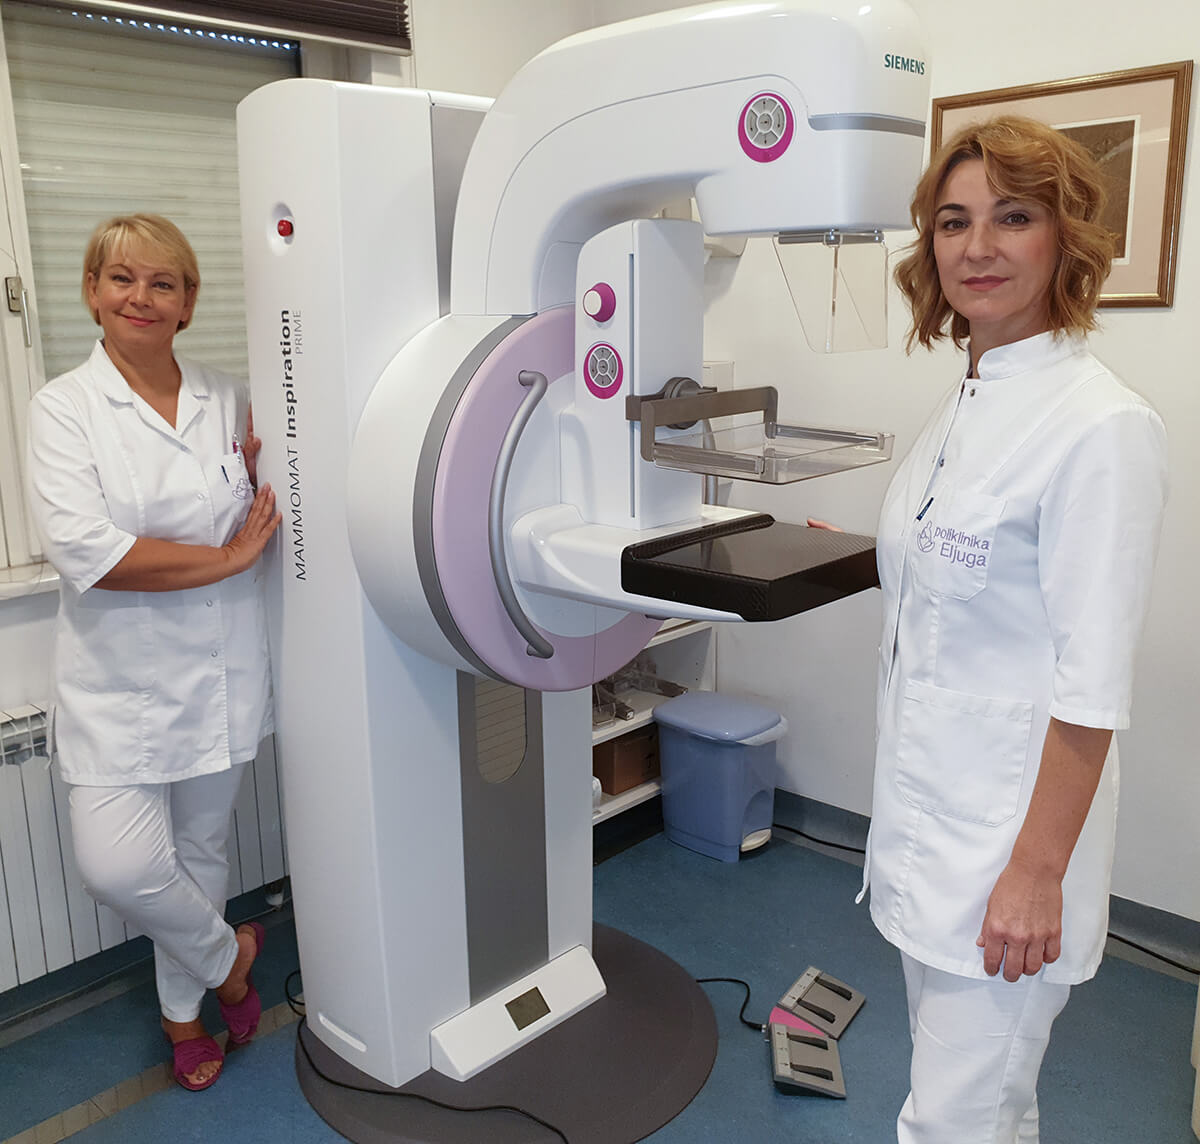 U Poliklinici moguće obaviti tomosintezu dojki (3D mamografiju) na novom digitalnom mamografu